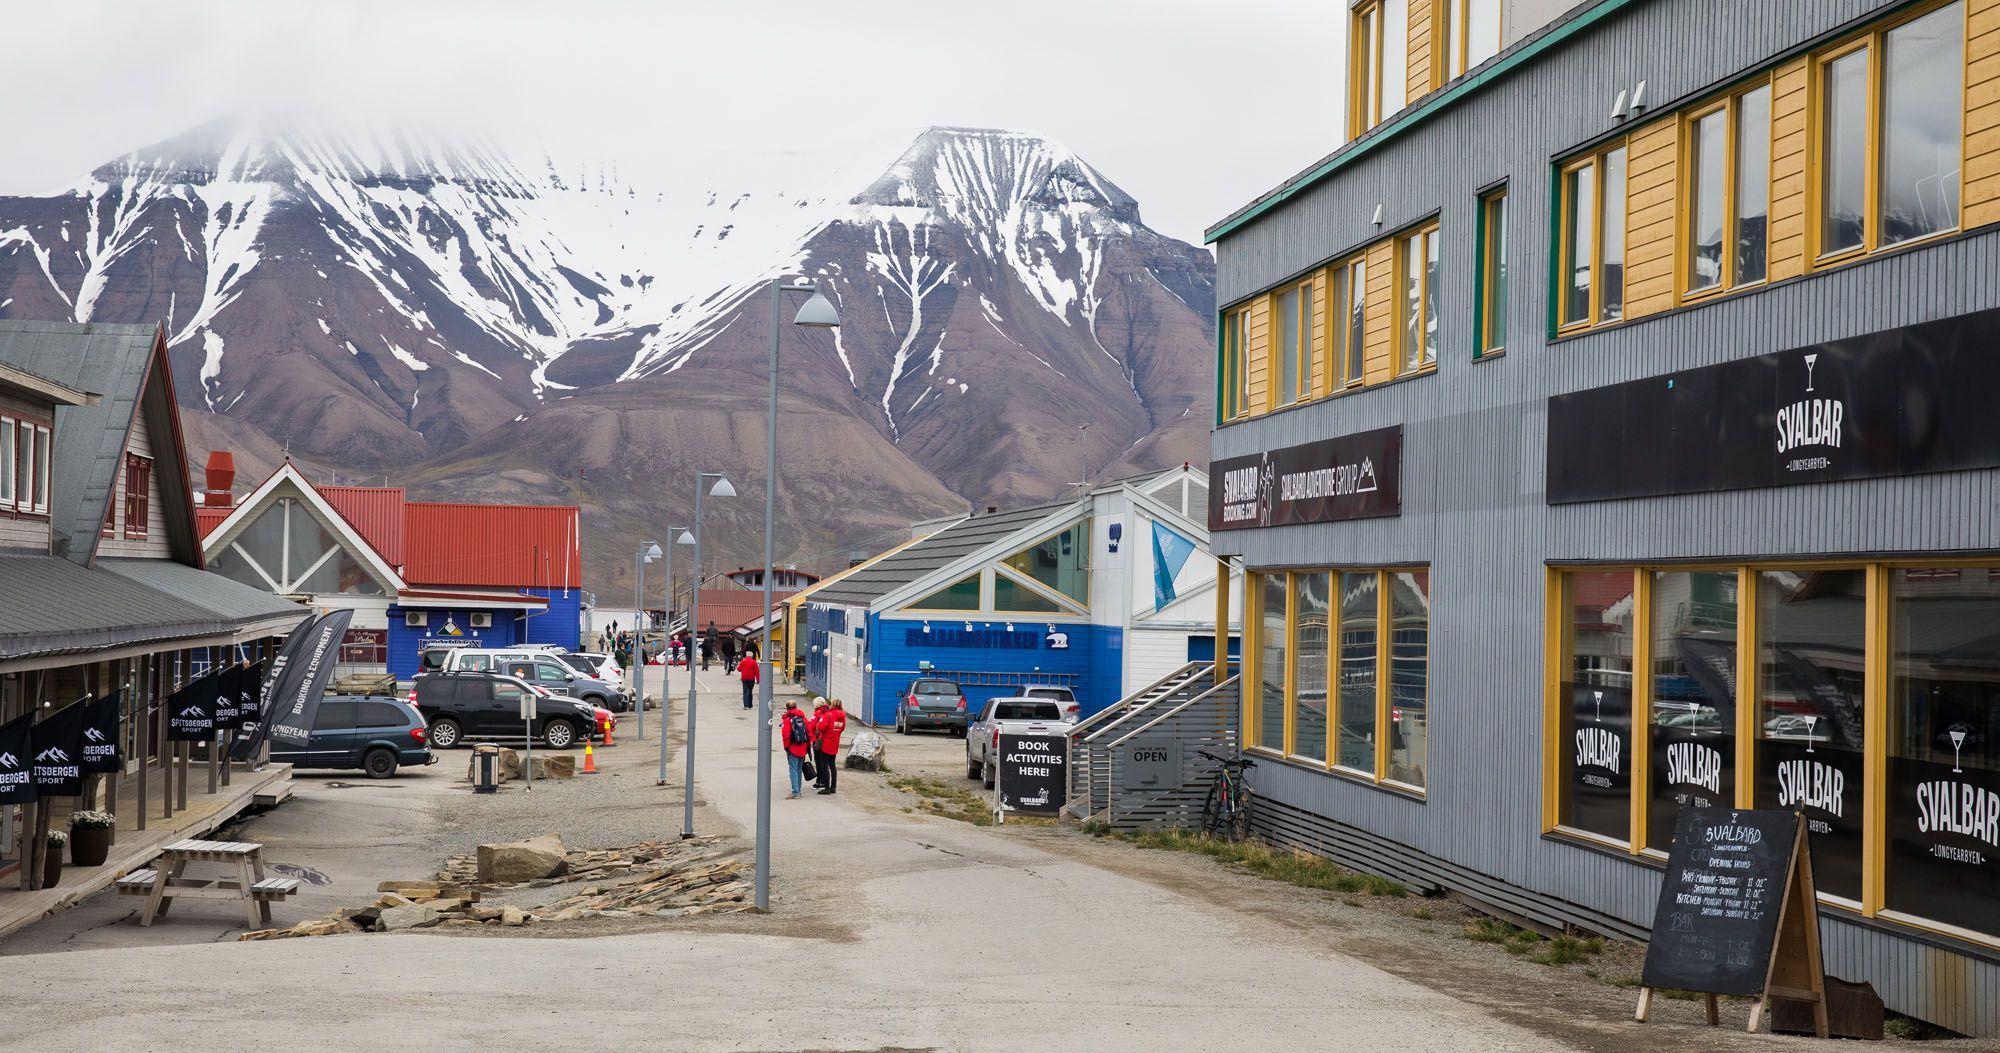 Things to do in Longyearbyen